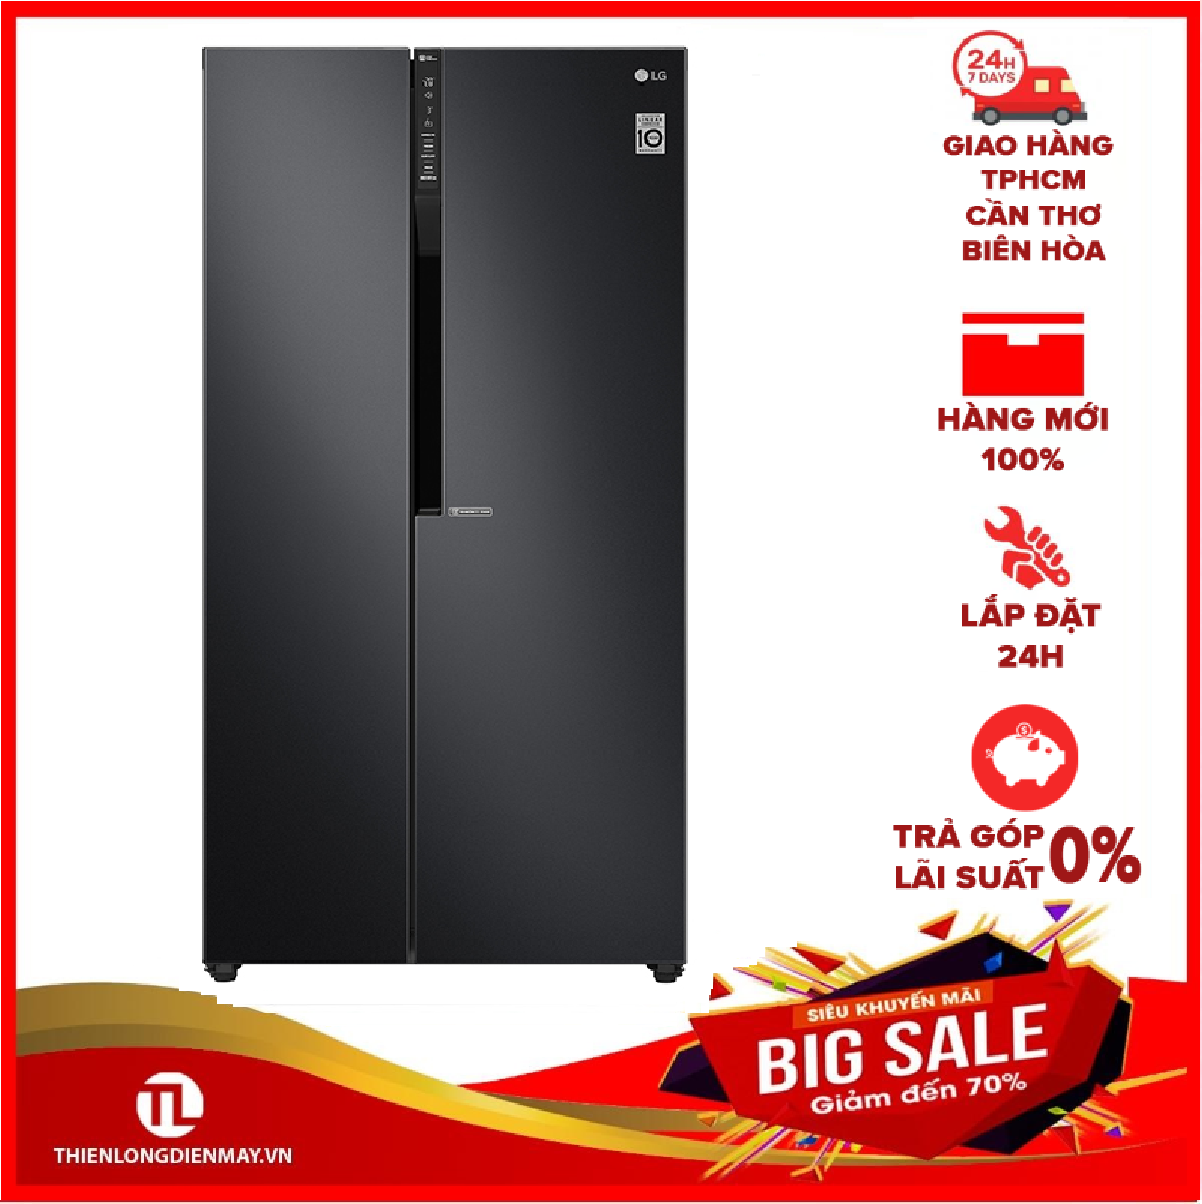 [THU THẬP VOUCHER 1.000K TỪ LZD] Tủ lạnh LG Inverter 613 lít GR-B247WB Mới 2020